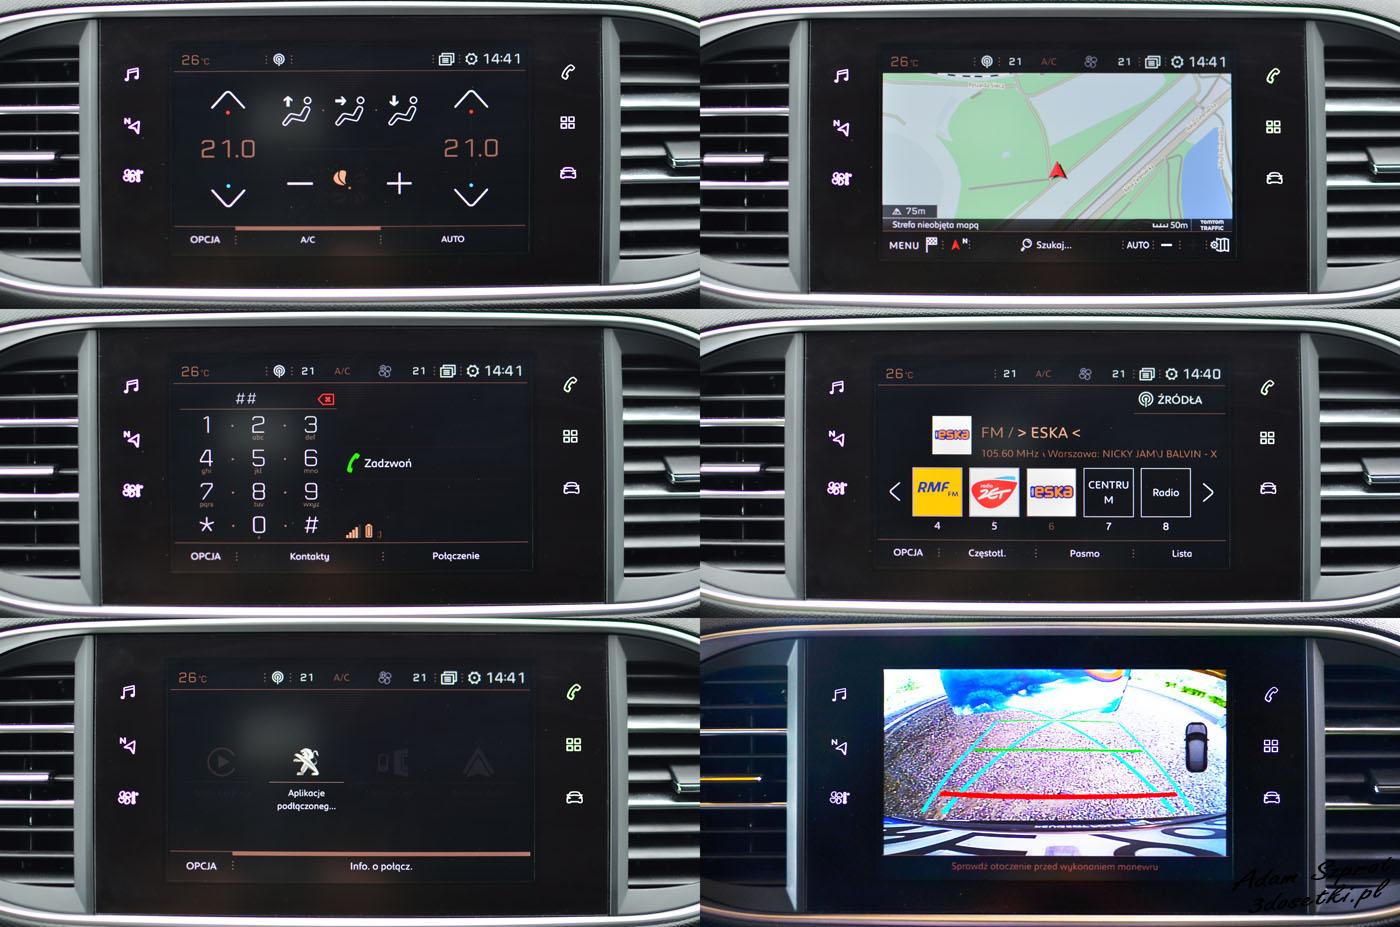 Ekran centralny - test Peugeota 308 GTi